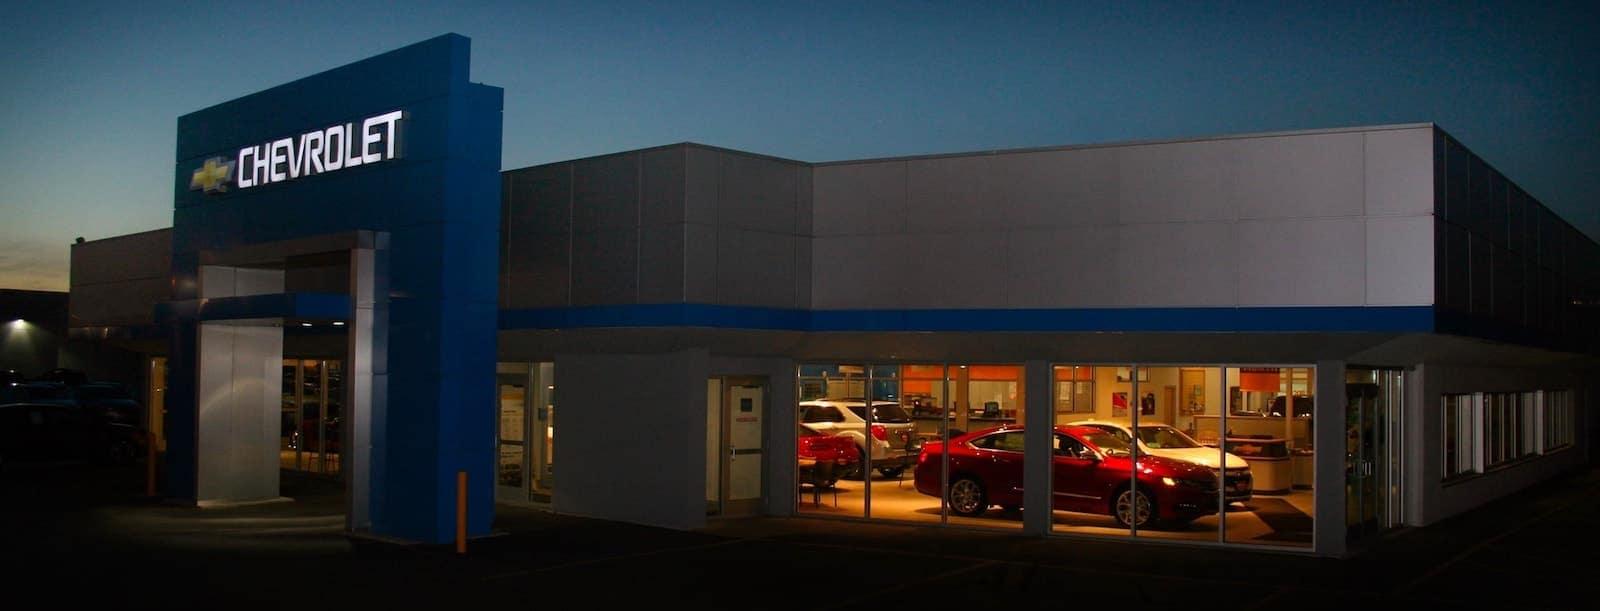 An exterior shot of a Chevrolet dealership